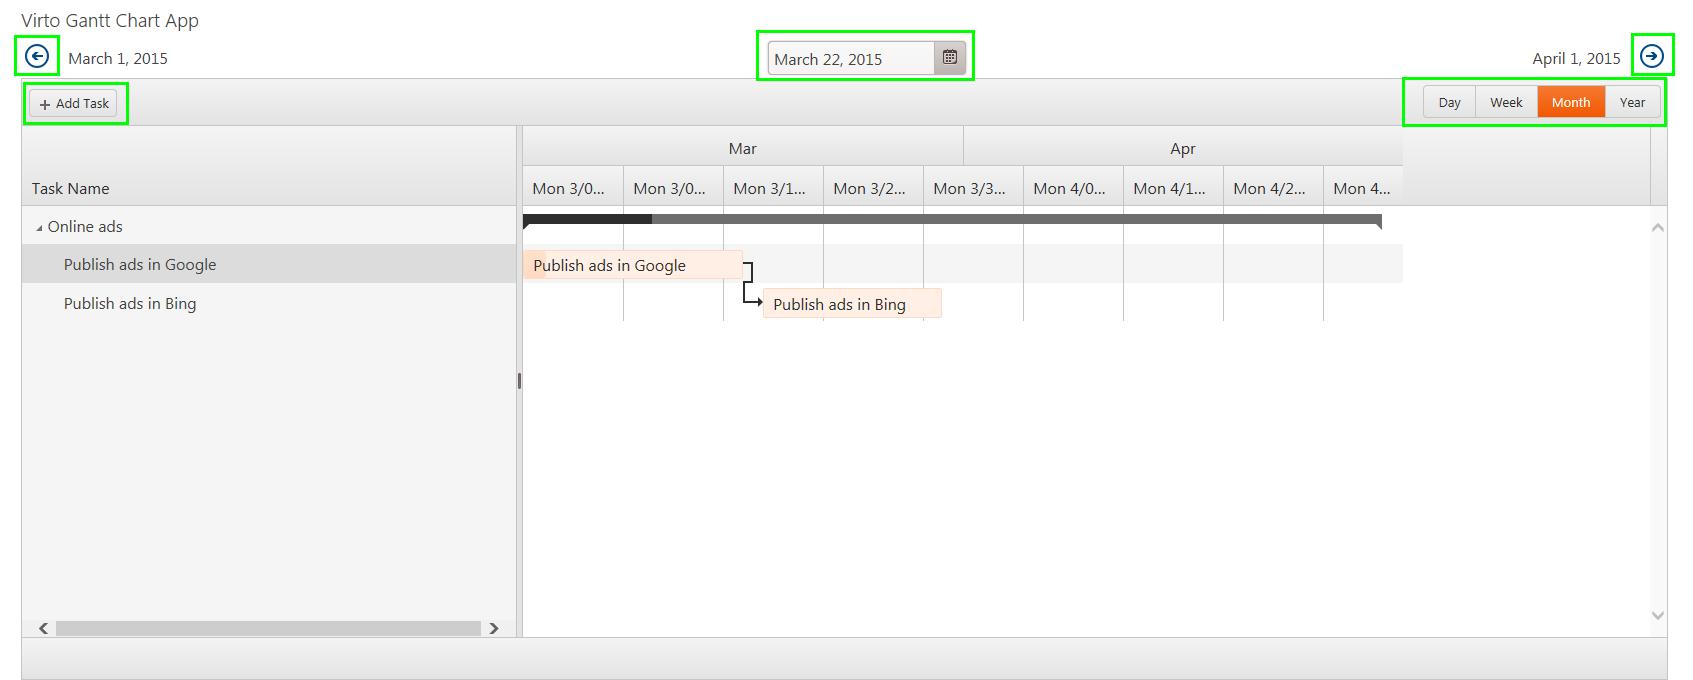 Layout Of Virto Gantt Chart App Gantt Chart App For Office 365